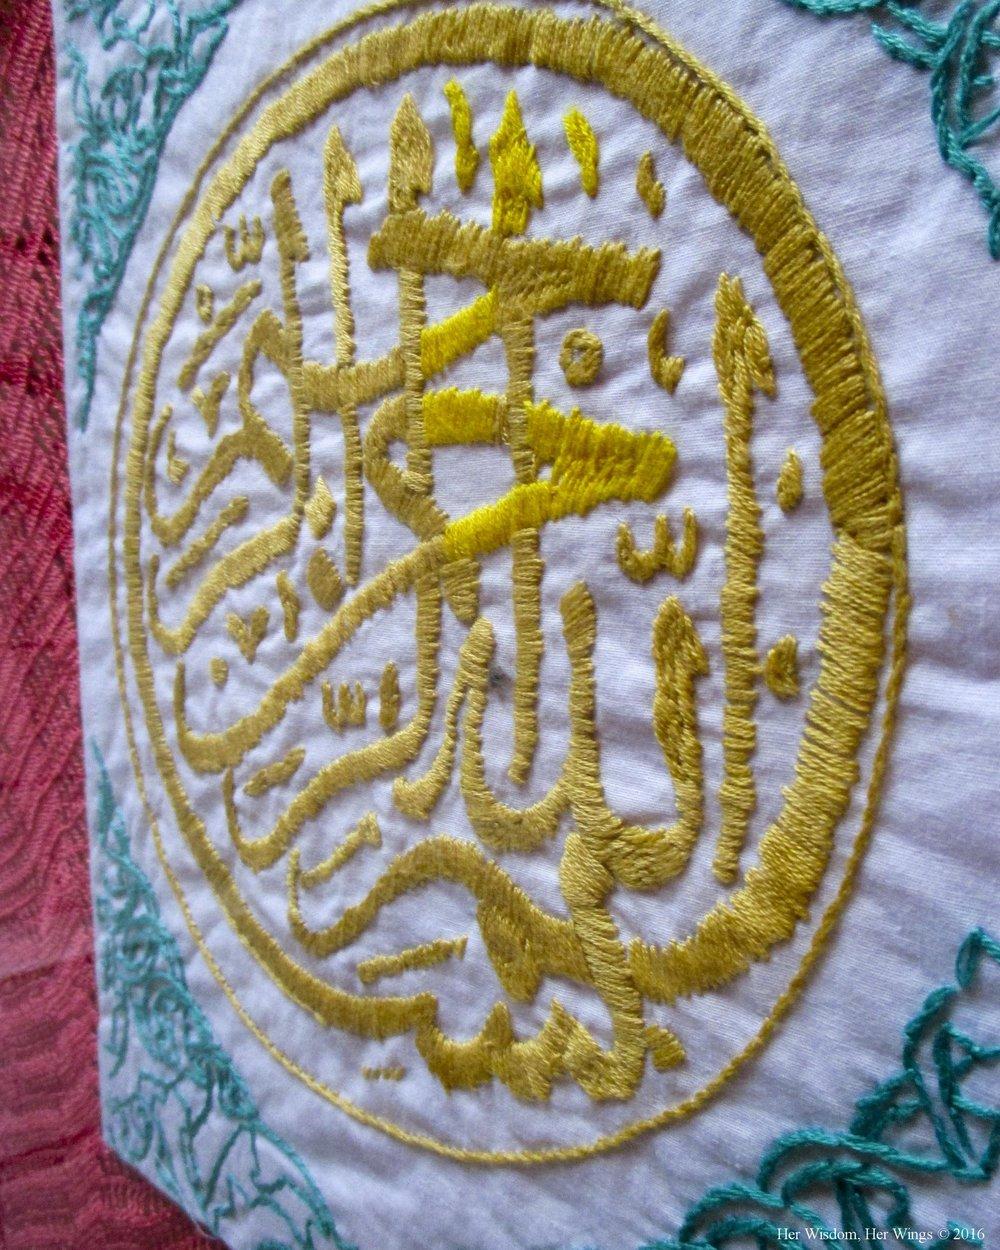 Simbol vjere i kreativnoti jedne žene